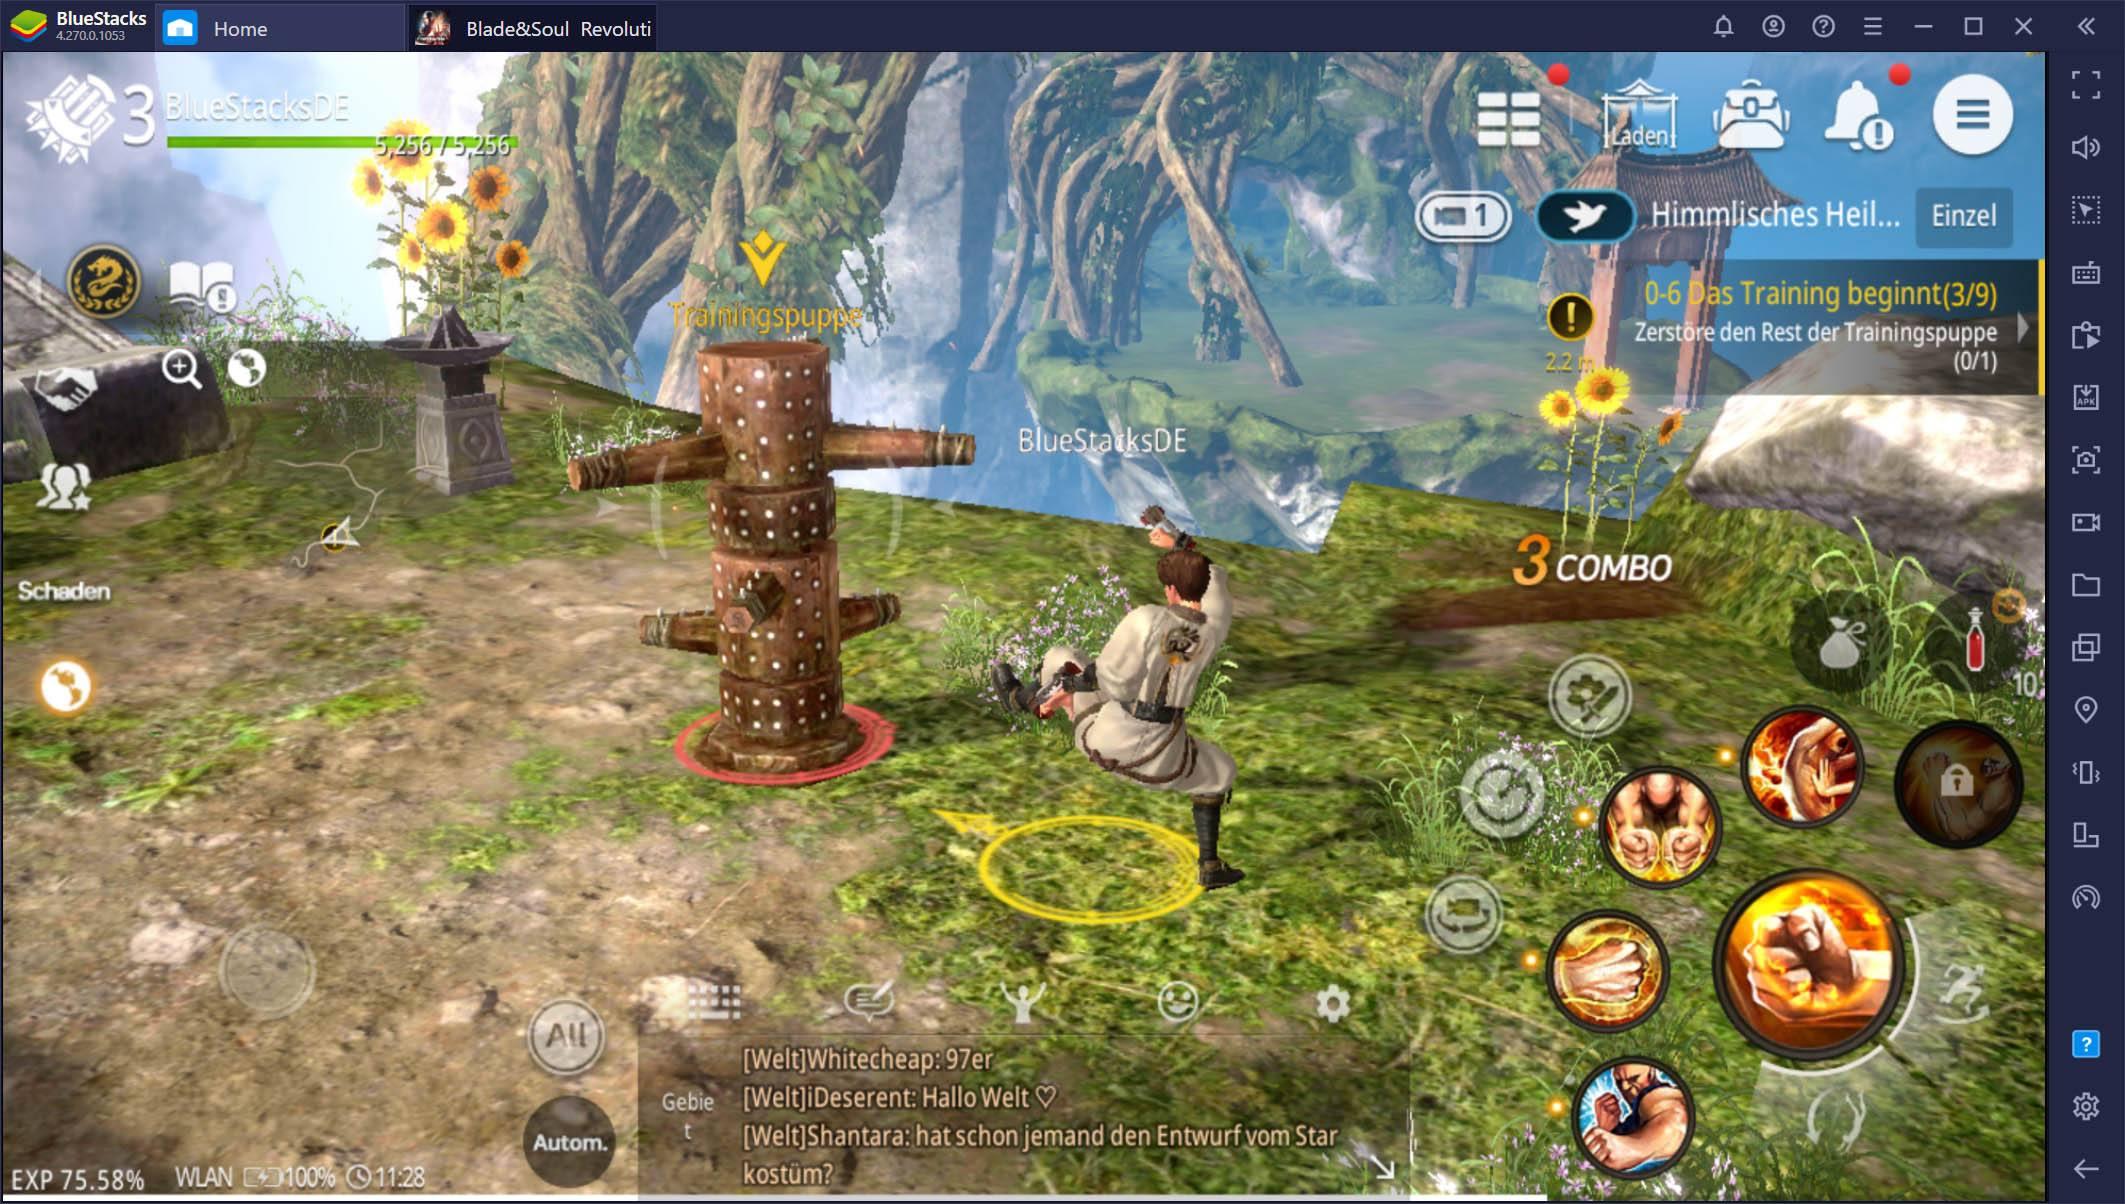 Blade&Soul Revolution auf dem PC – Die besten Tipps und Tricks für den Kampf